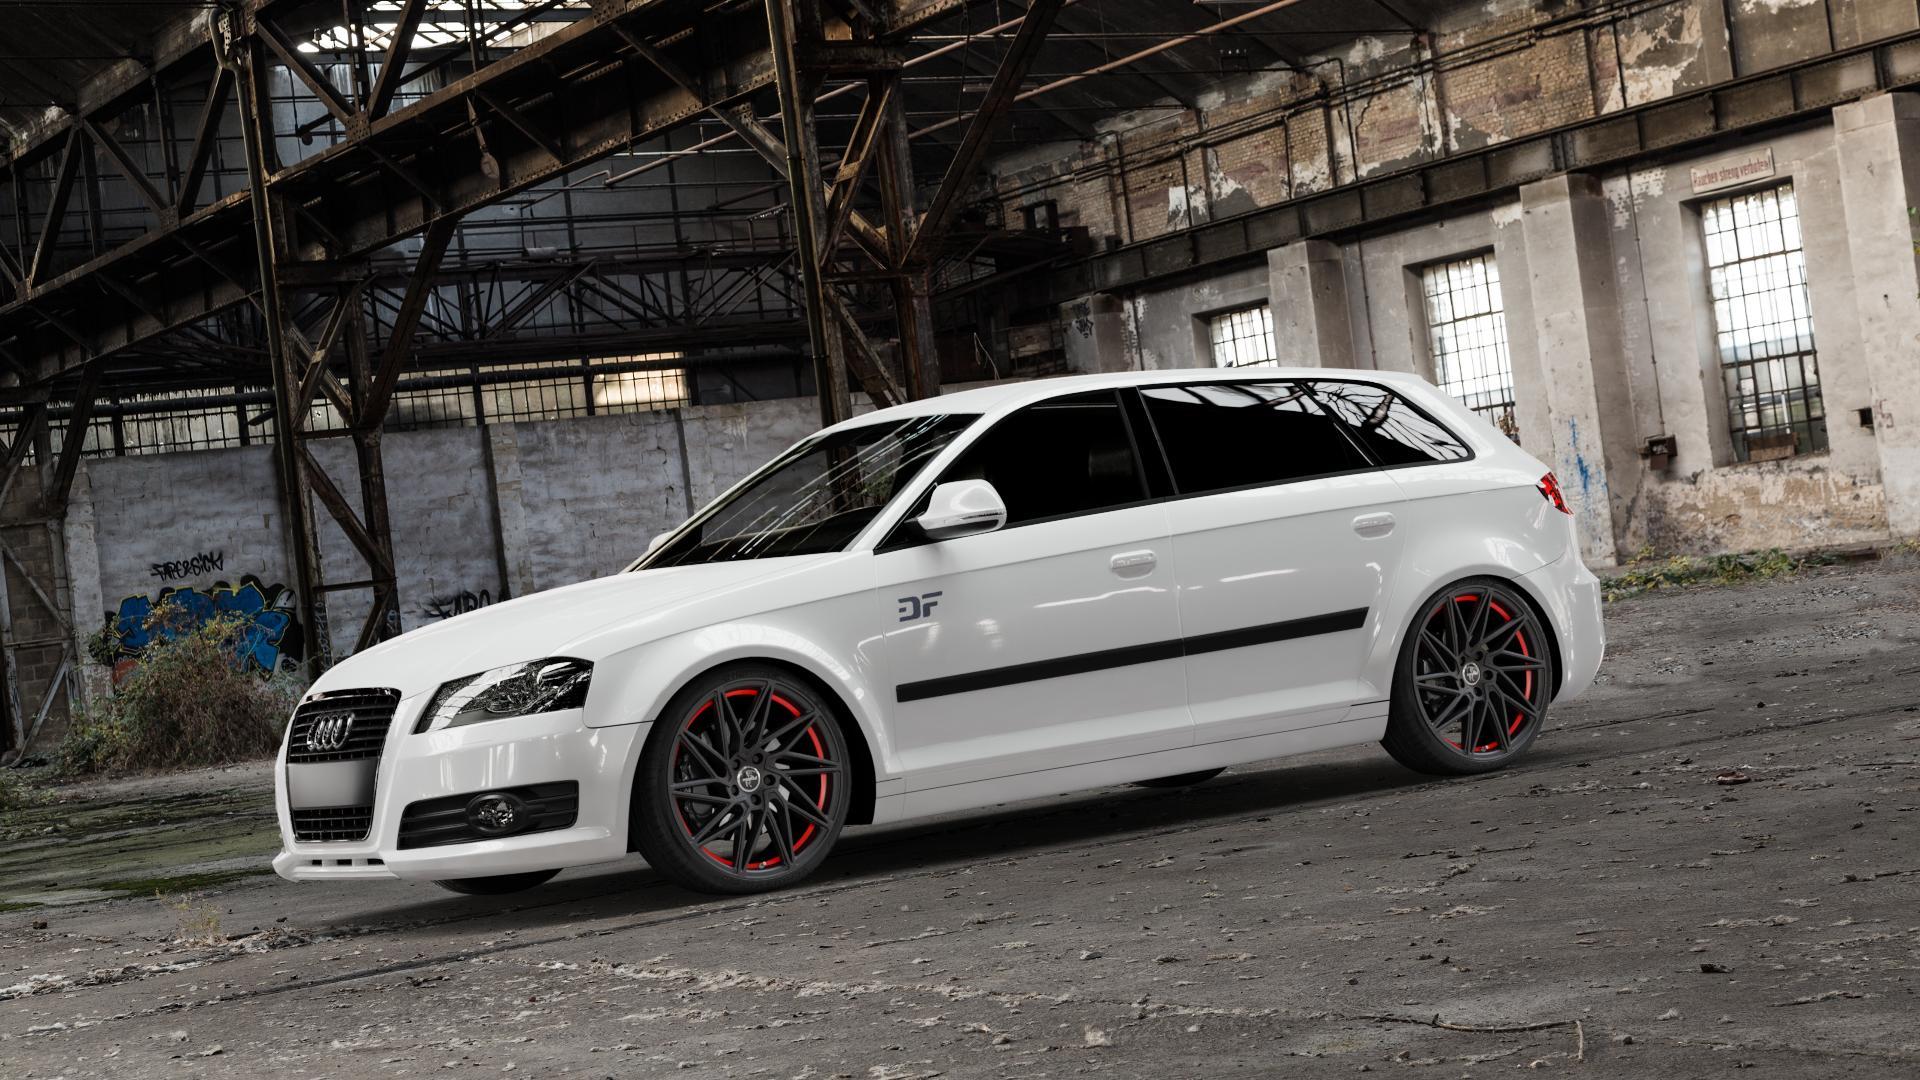 KESKIN KT20 MATT BLACK RED INSIDE Felge mit Reifen schwarz rot in 19Zoll Winterfelge Alufelge auf weissem Audi A3 Typ 8P (Sportback) 1,6l 75kW (102 PS) 2,0l FSI 110kW (150 1,9l TDI 77kW (105 103kW (140 TFSI 147kW (200 85kW (116 100kW (136 1,8l 118kW (160 125kW (170 1,4l 92kW (125 120kW (163 quattro 3,2l V6 184kW (250 S3 195kW (265 1,2l 66kW (90 18